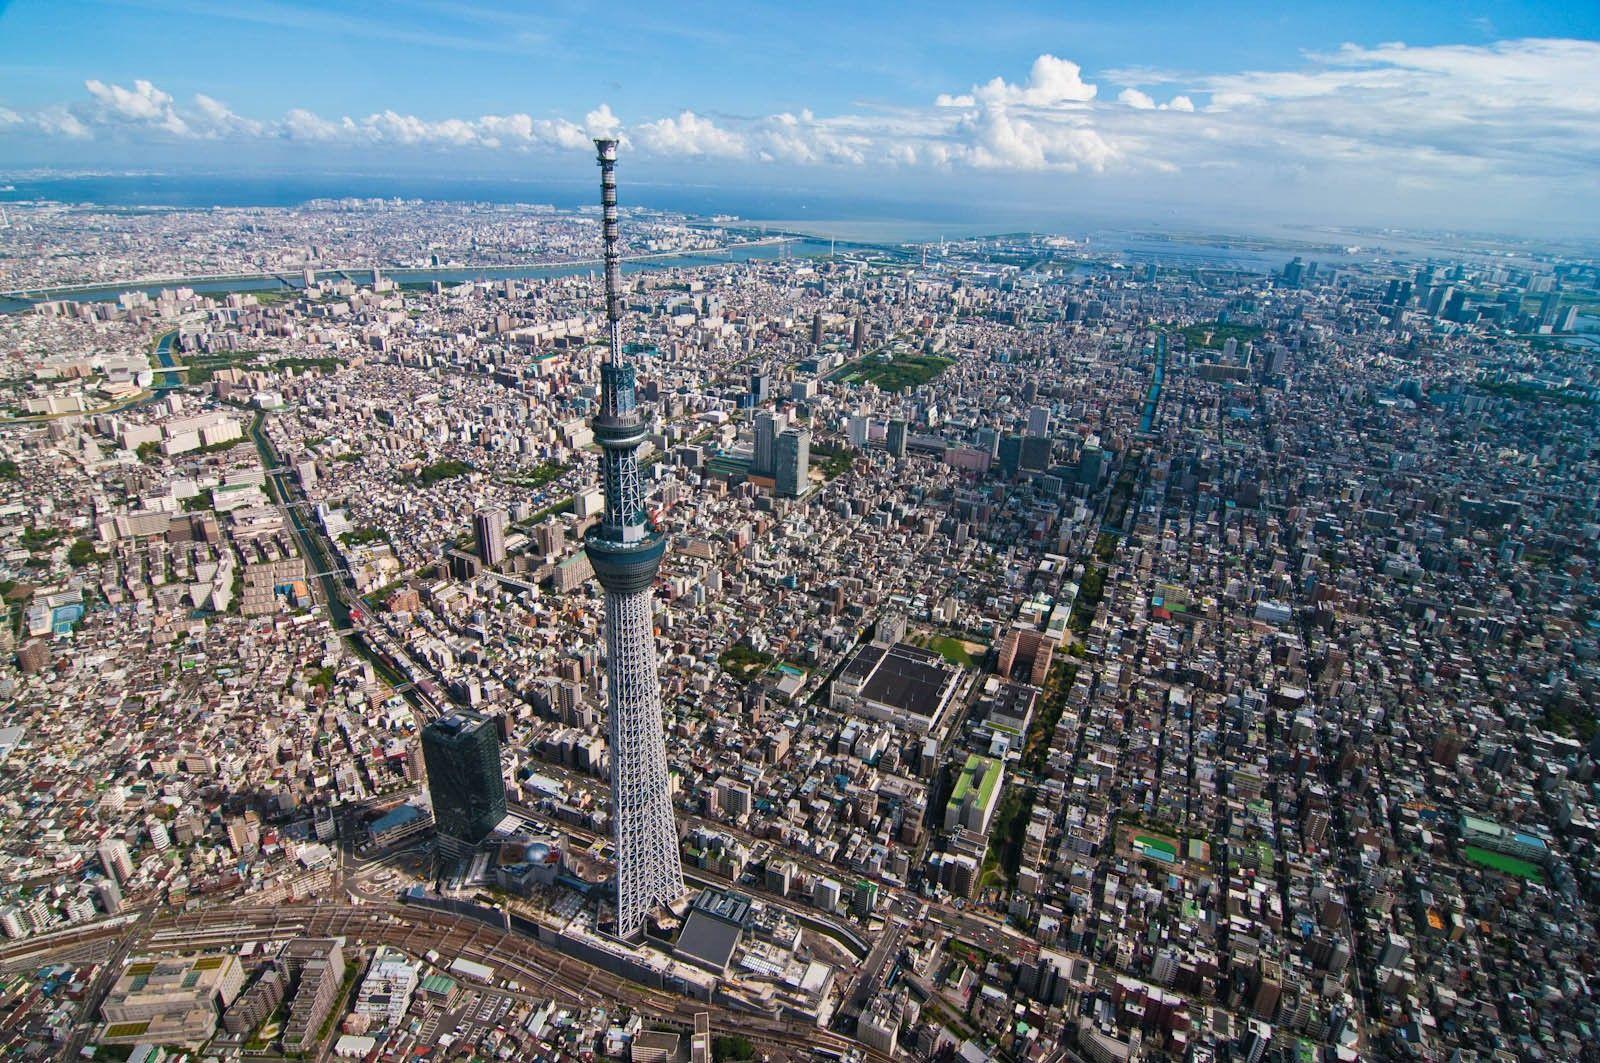 Top 10 liste: Die größten Städte der Welt http://kunstop.de/top-10-liste-die-groessten-staedte-der-welt/  #Top10 #liste #größten #Städte #Welt